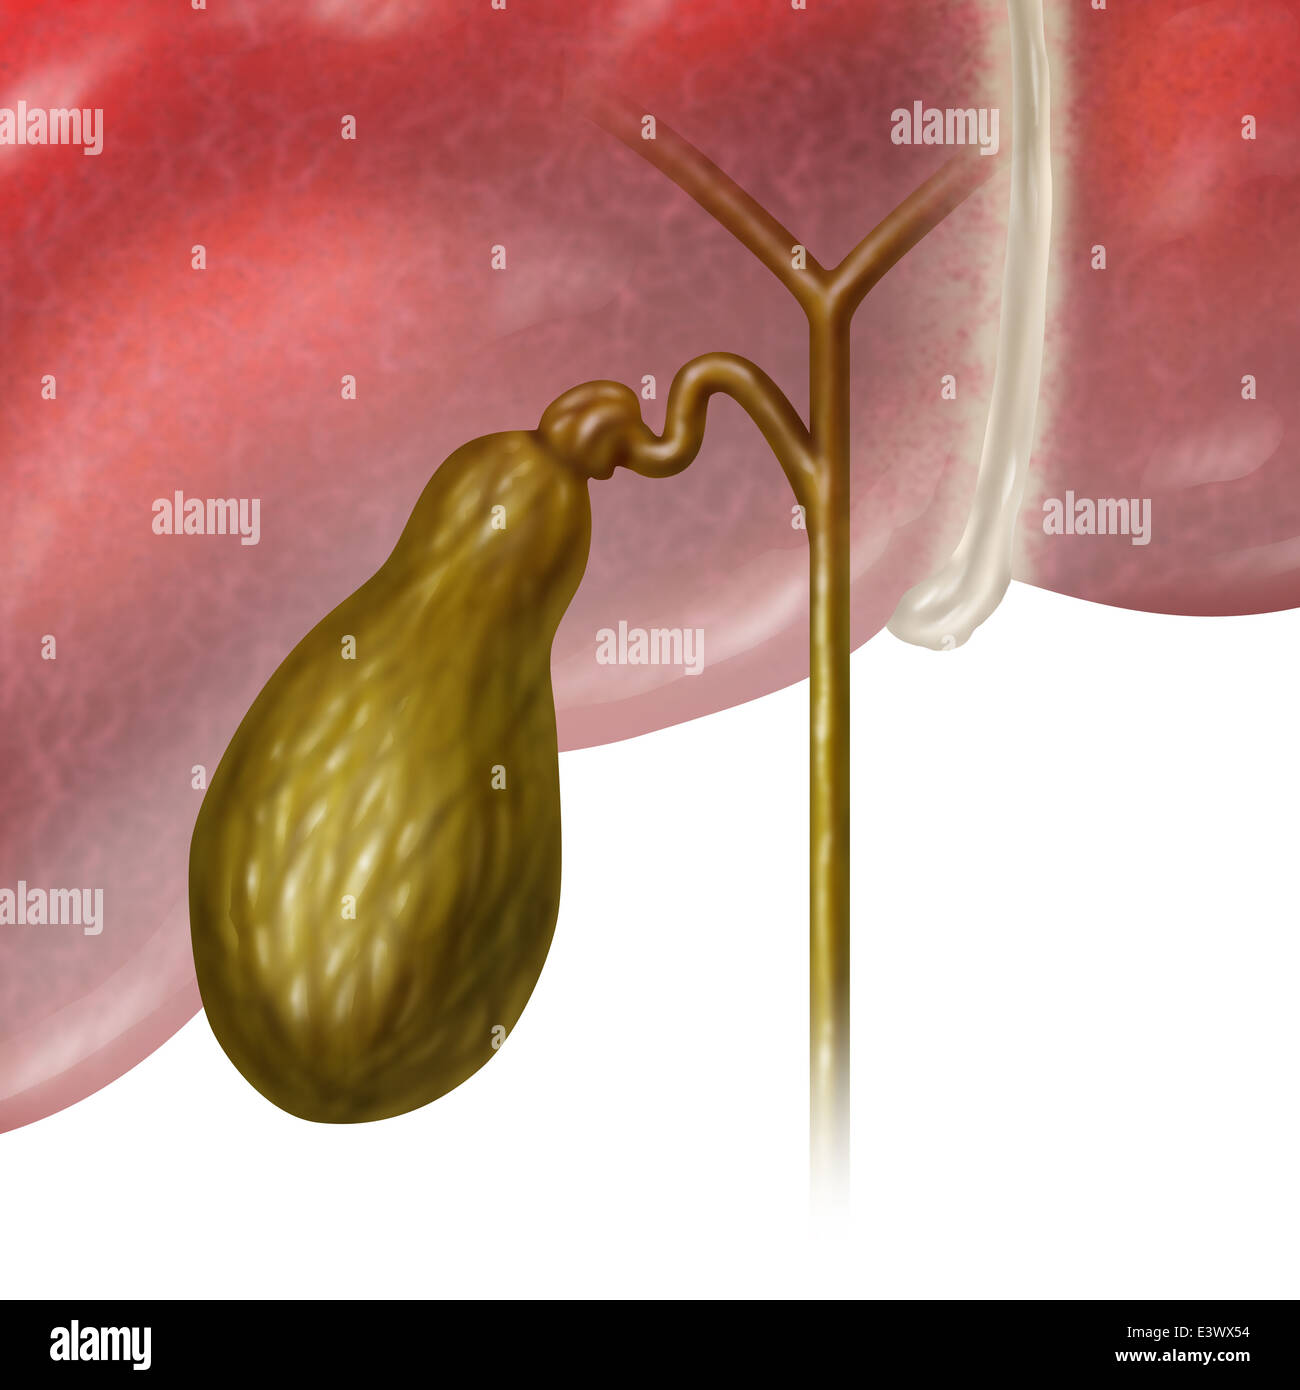 Gallenblase oder Gallenblase interne Organ des Menschen als eine ...